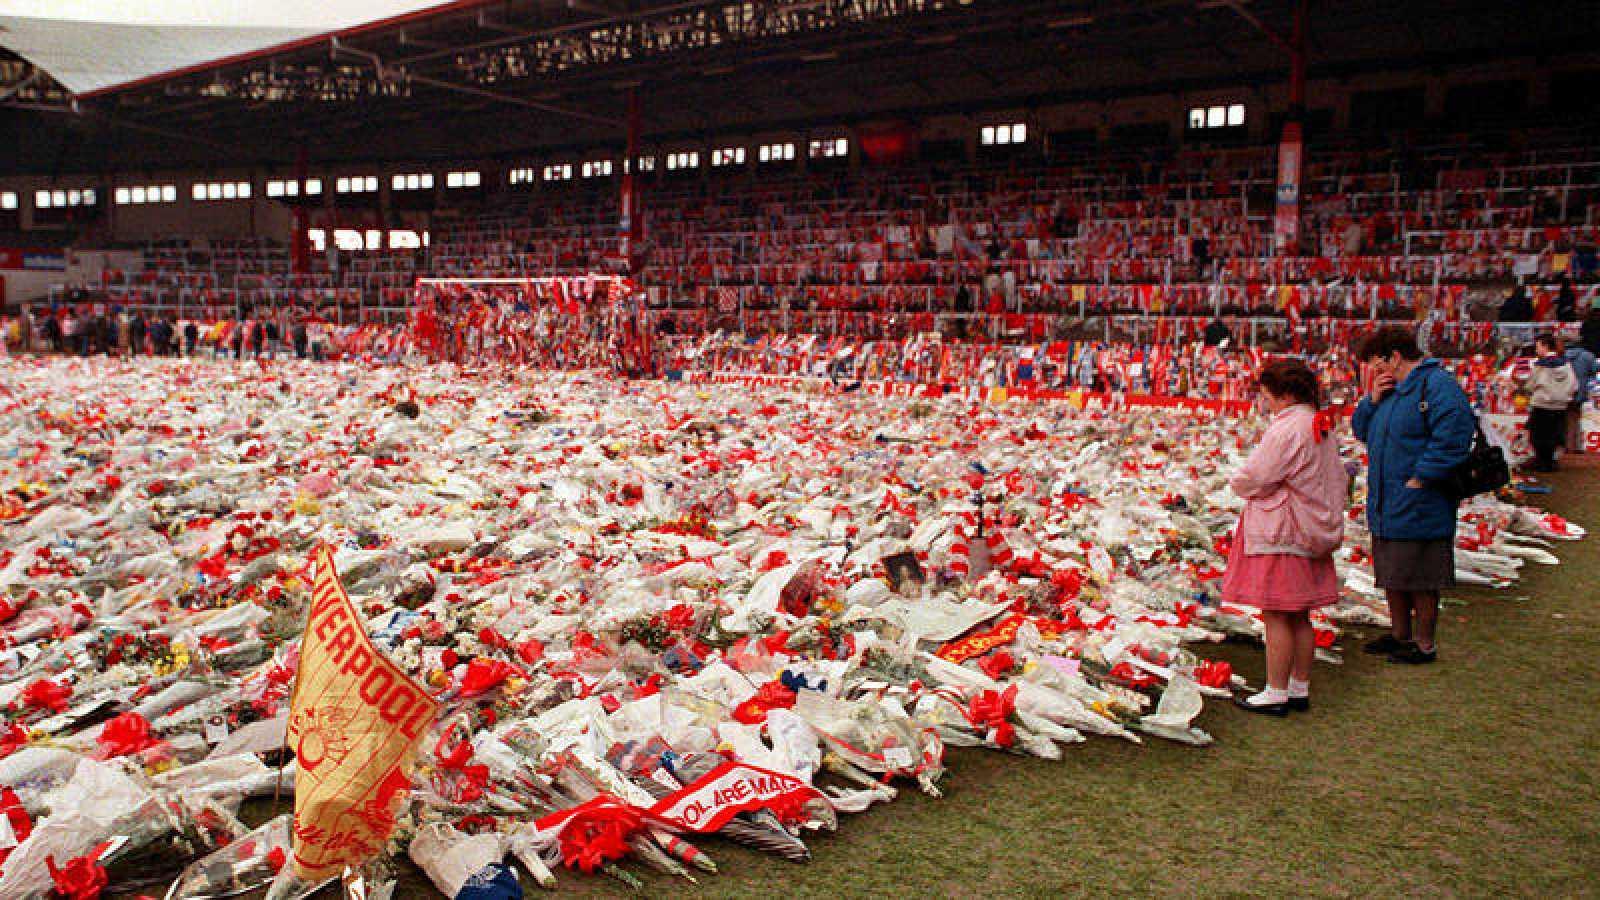 Memorial en el estadio de Hillsborough en homenaje a las 96 fallecidos (1989).